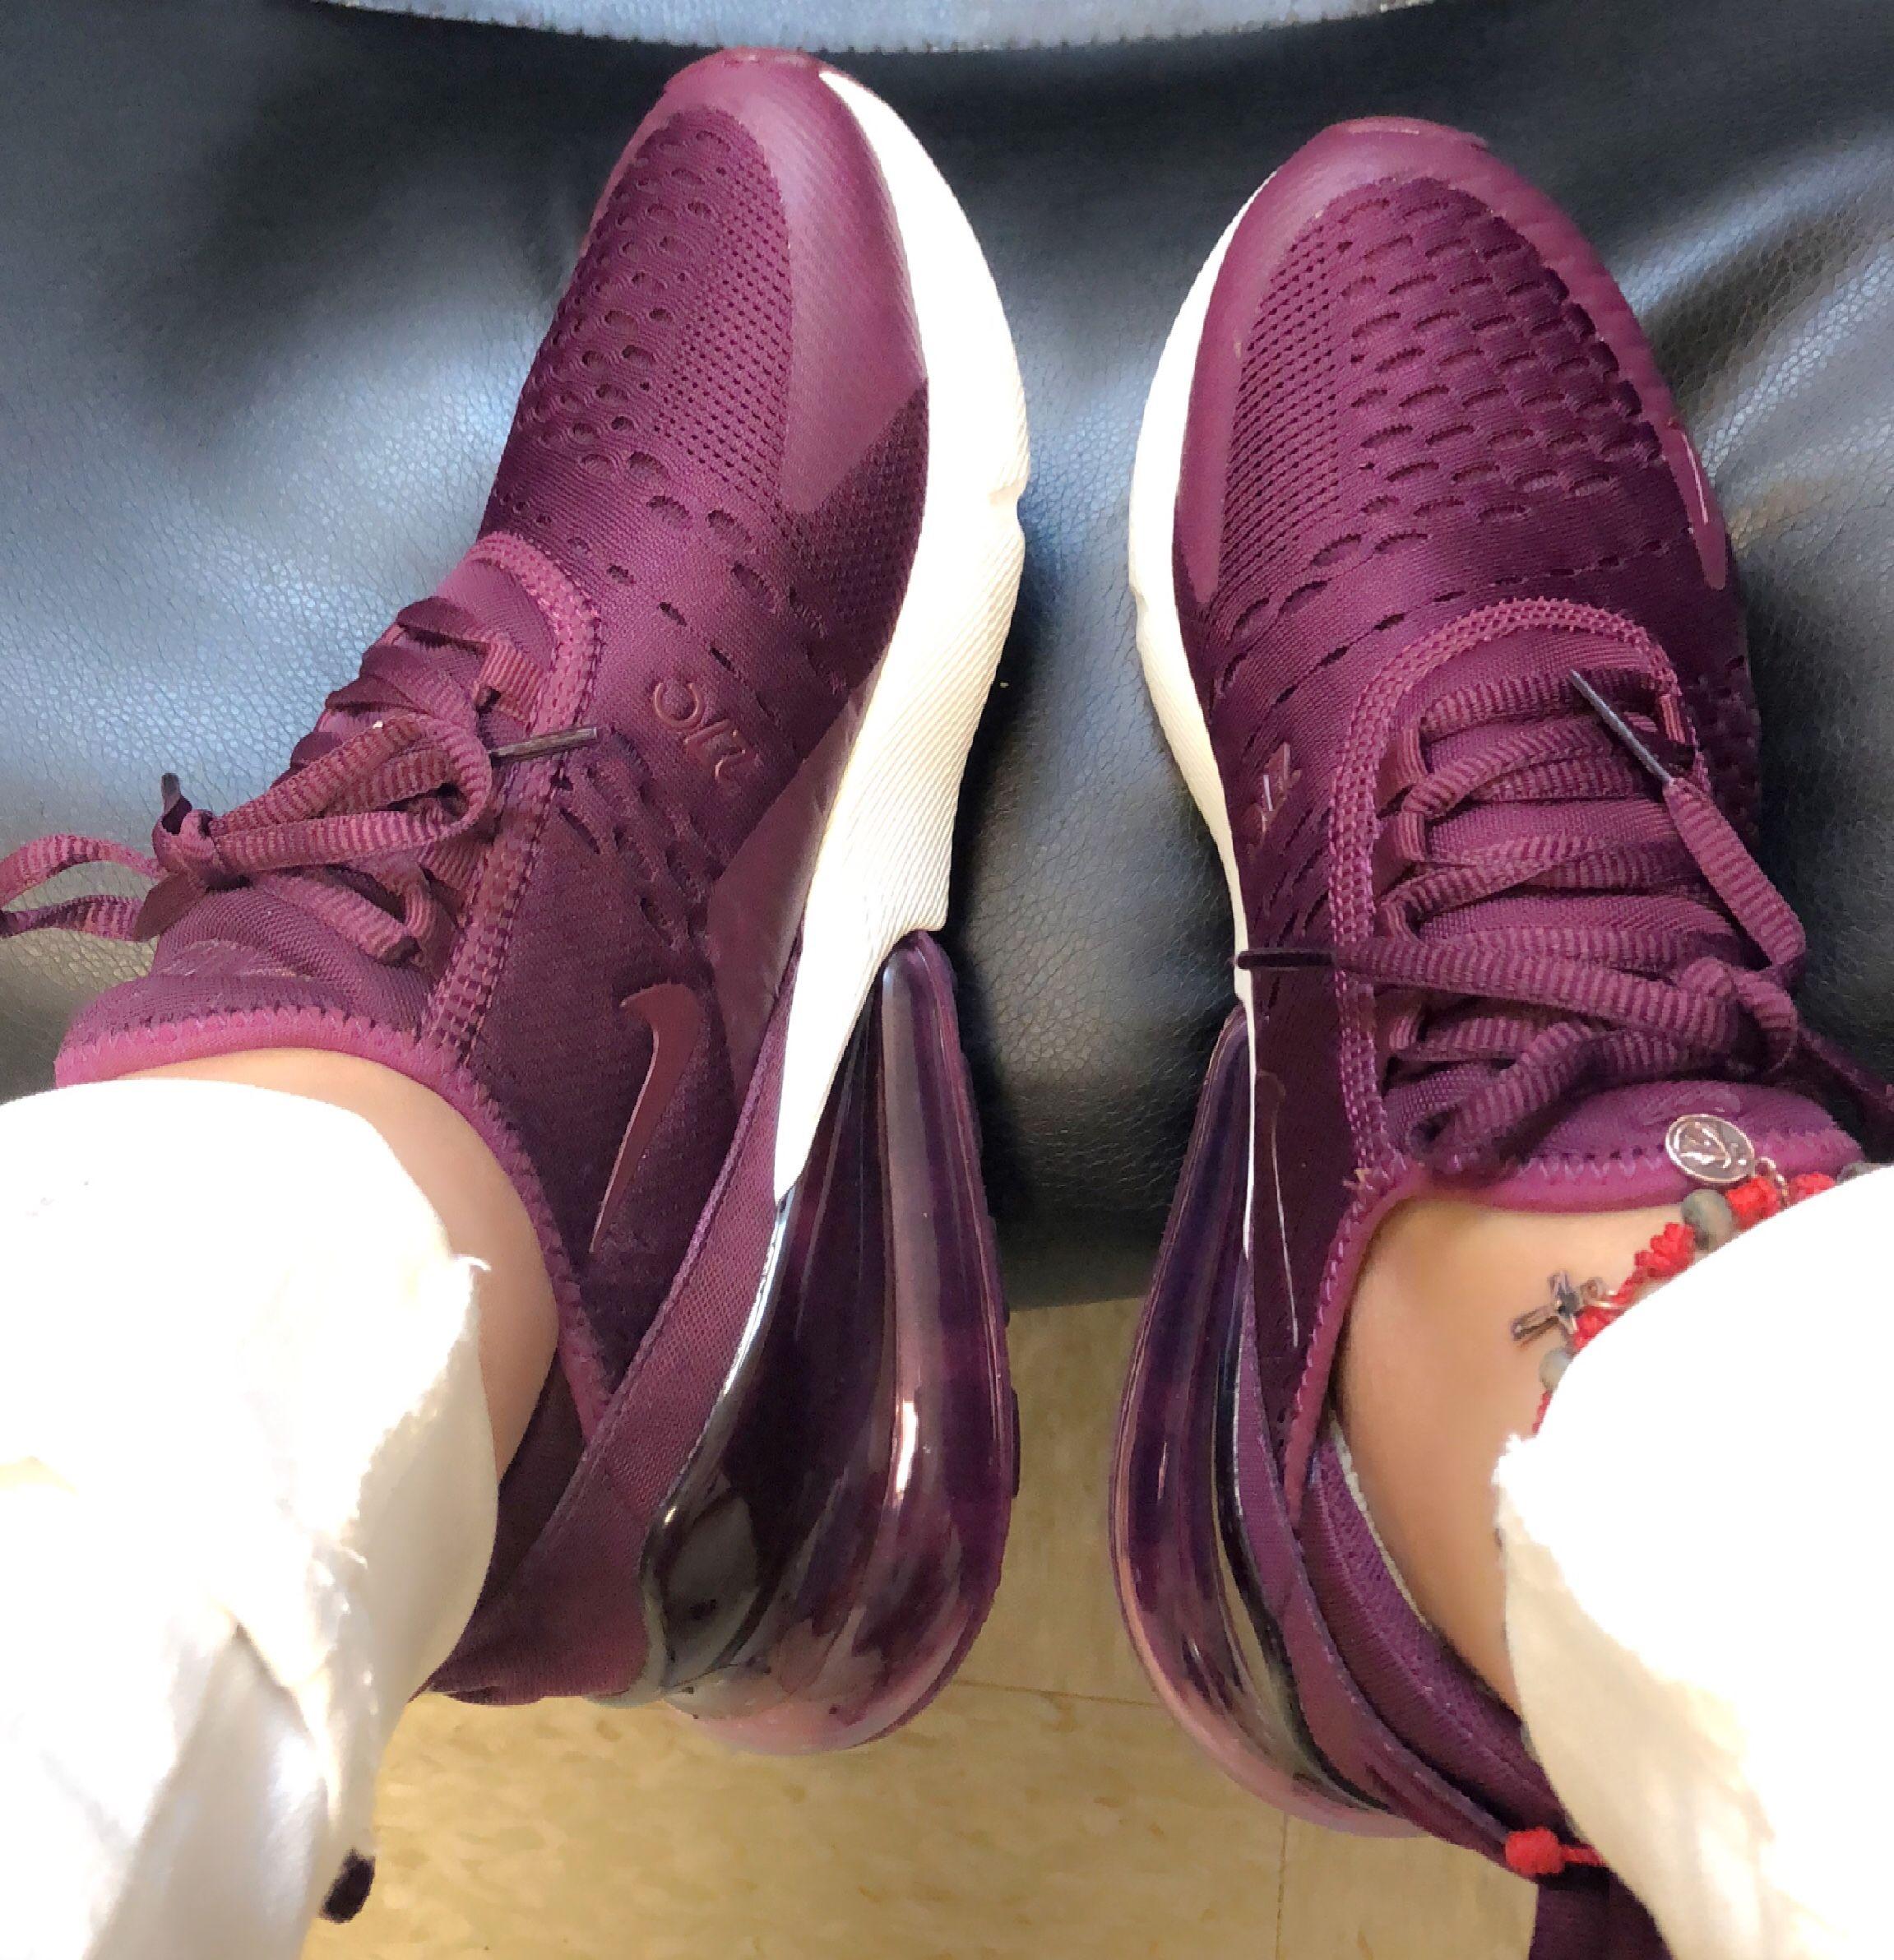 Nike airmax thea, Bordeaux rood. I LOVE NIKE